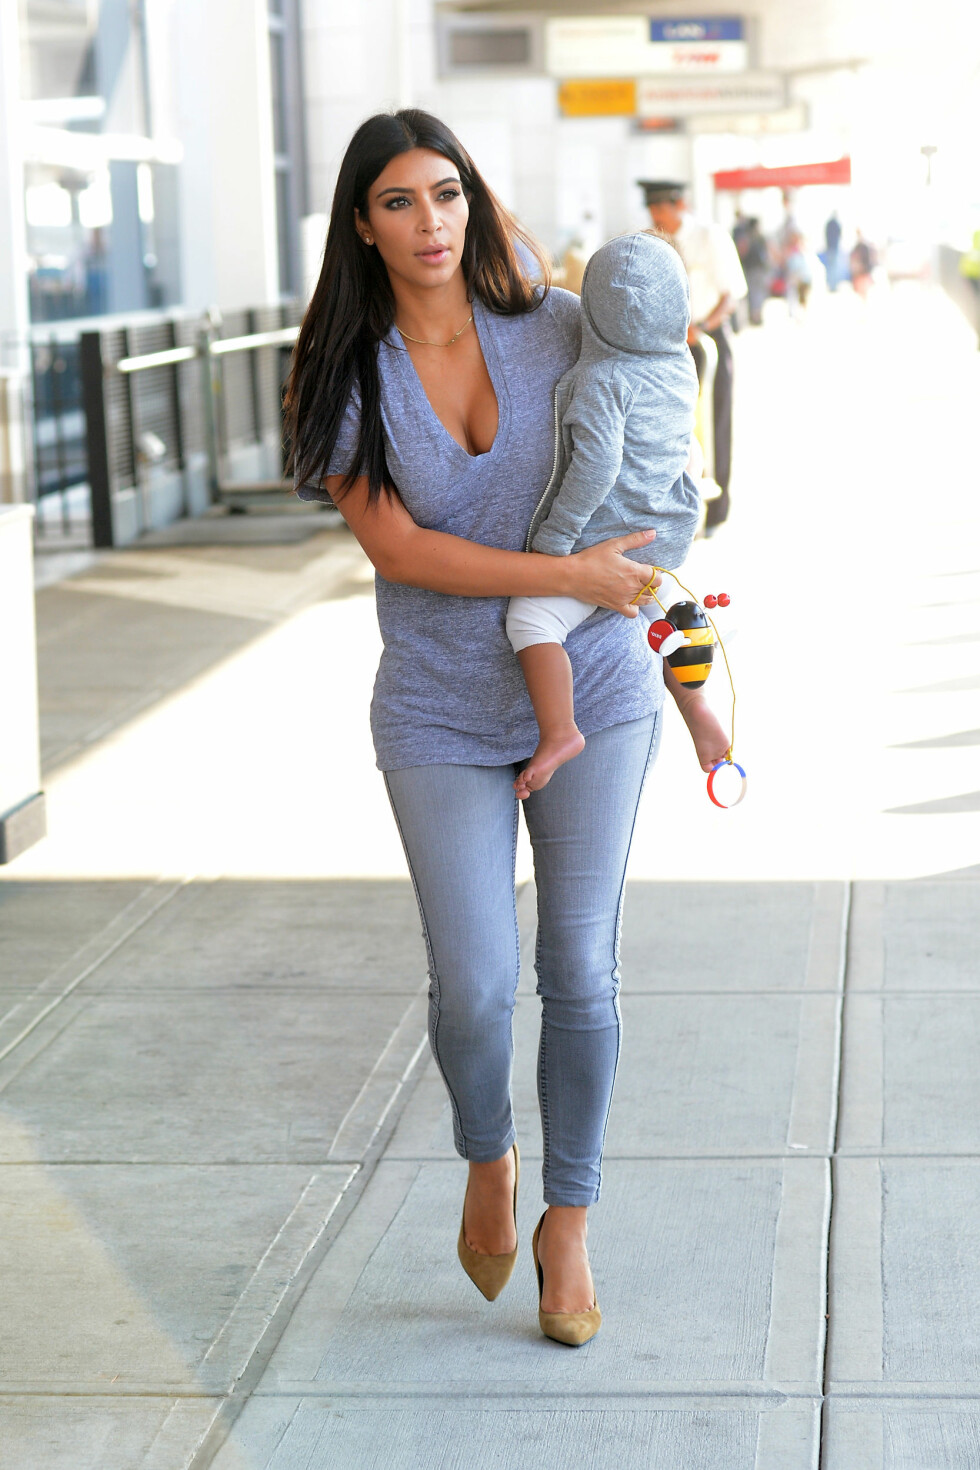 HALVDYP V-UTRINGNING: Vanligvis går Kim Kardashian for lange v-skjæringer på topper og kjoler, men her er hun i kledd i en t-skjorte med halvdyp skjæring - noe som kler store pupper utmerket. Foto: Elder Ordonez/INFphoto.com/ All